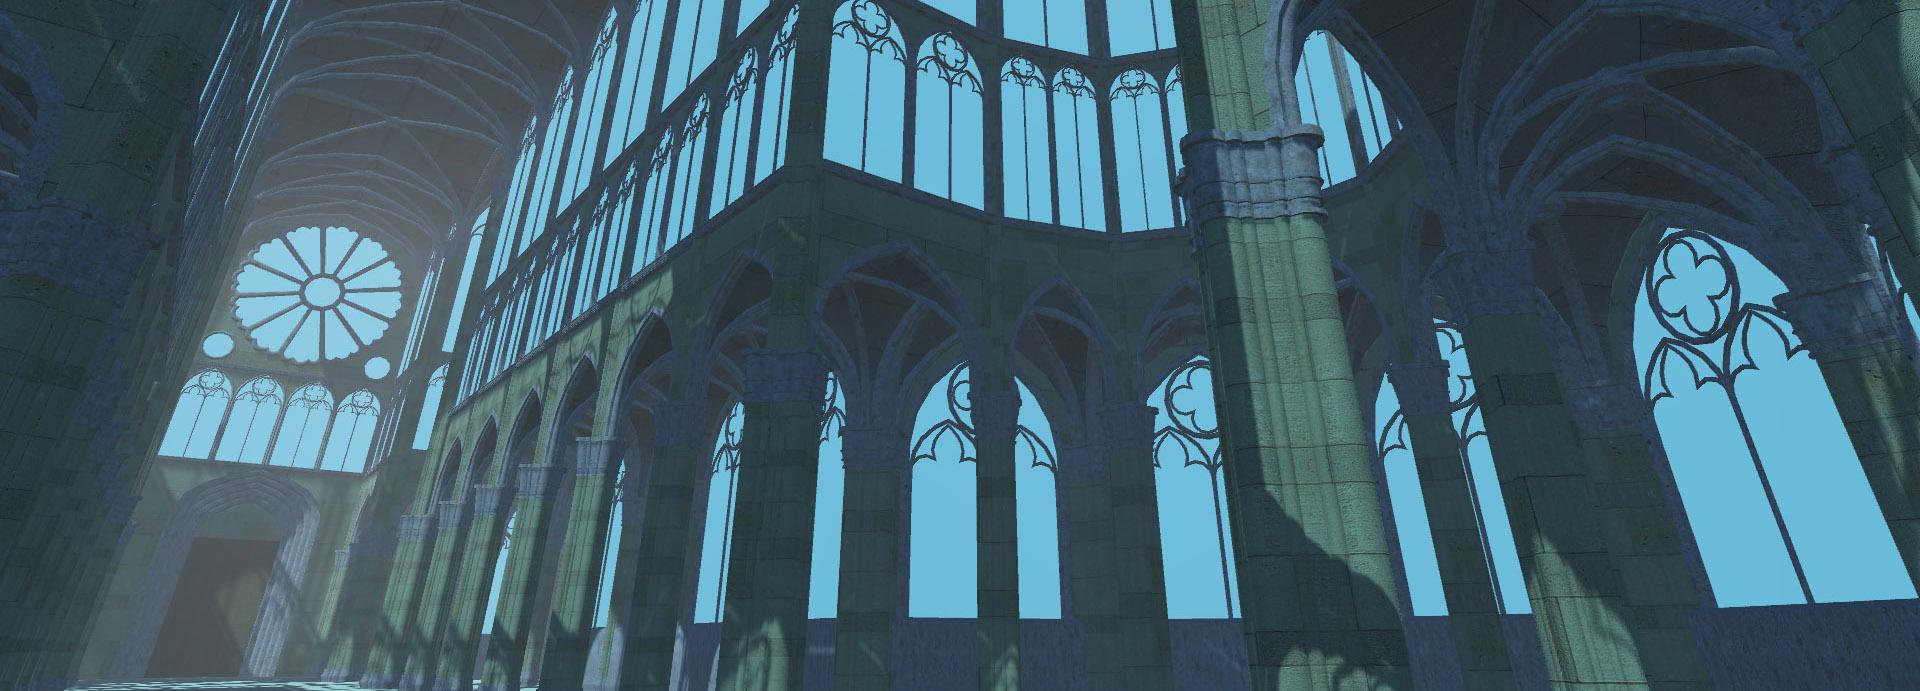 Dédale Gothique